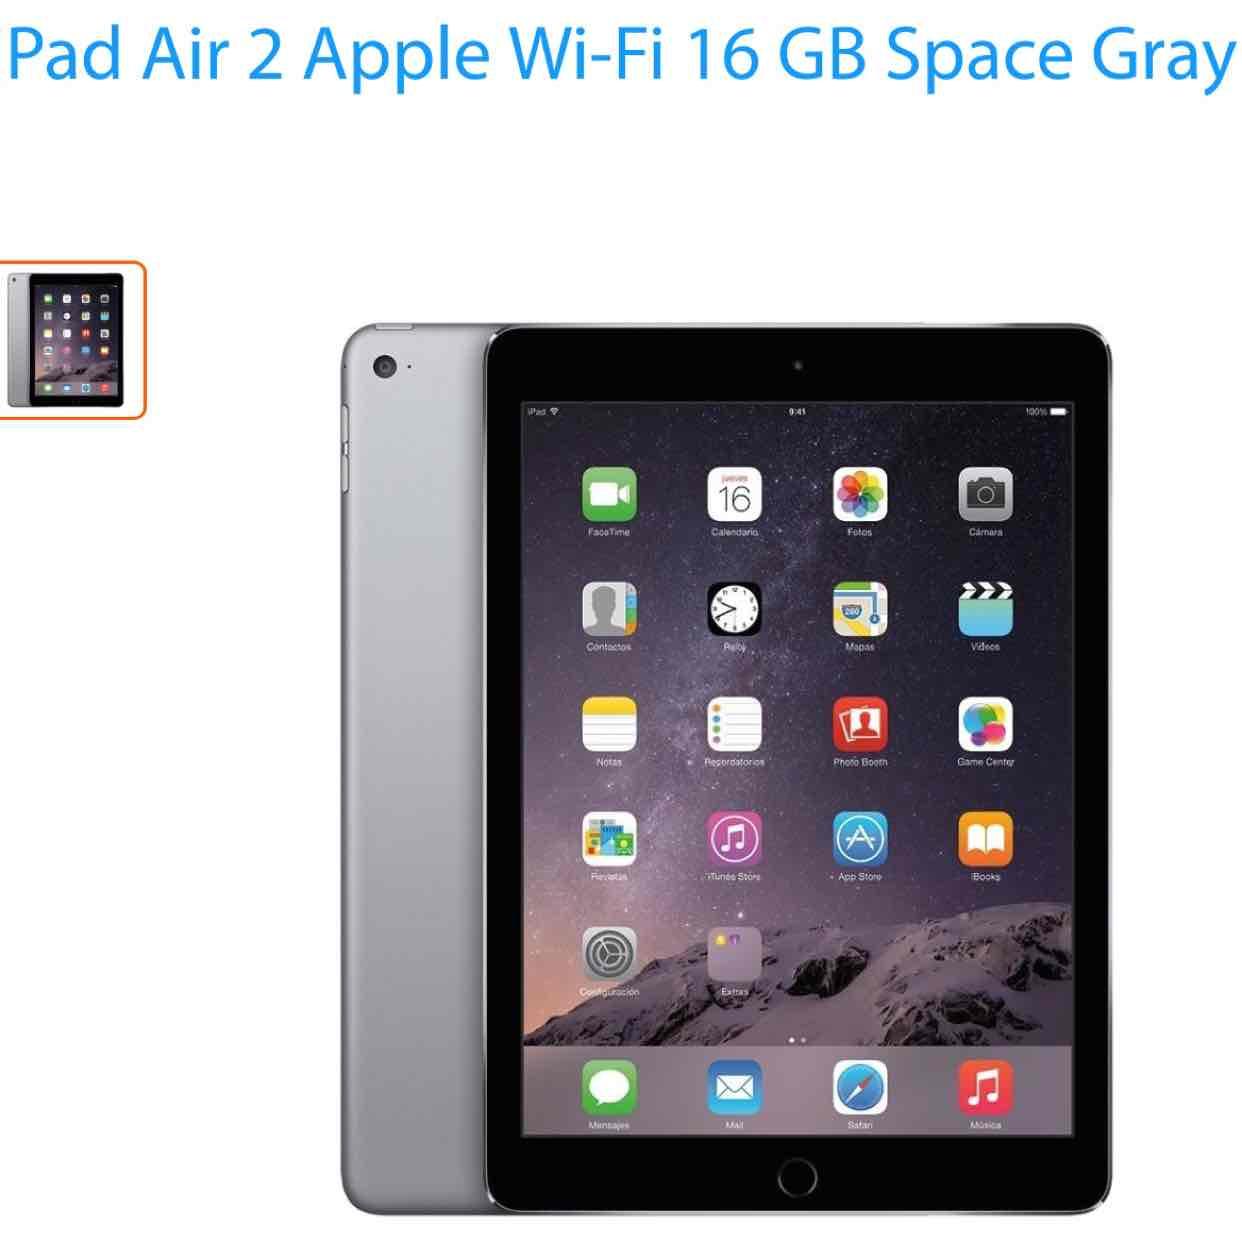 walmart en l nea ipad air 2 16 gb space grey a. Black Bedroom Furniture Sets. Home Design Ideas